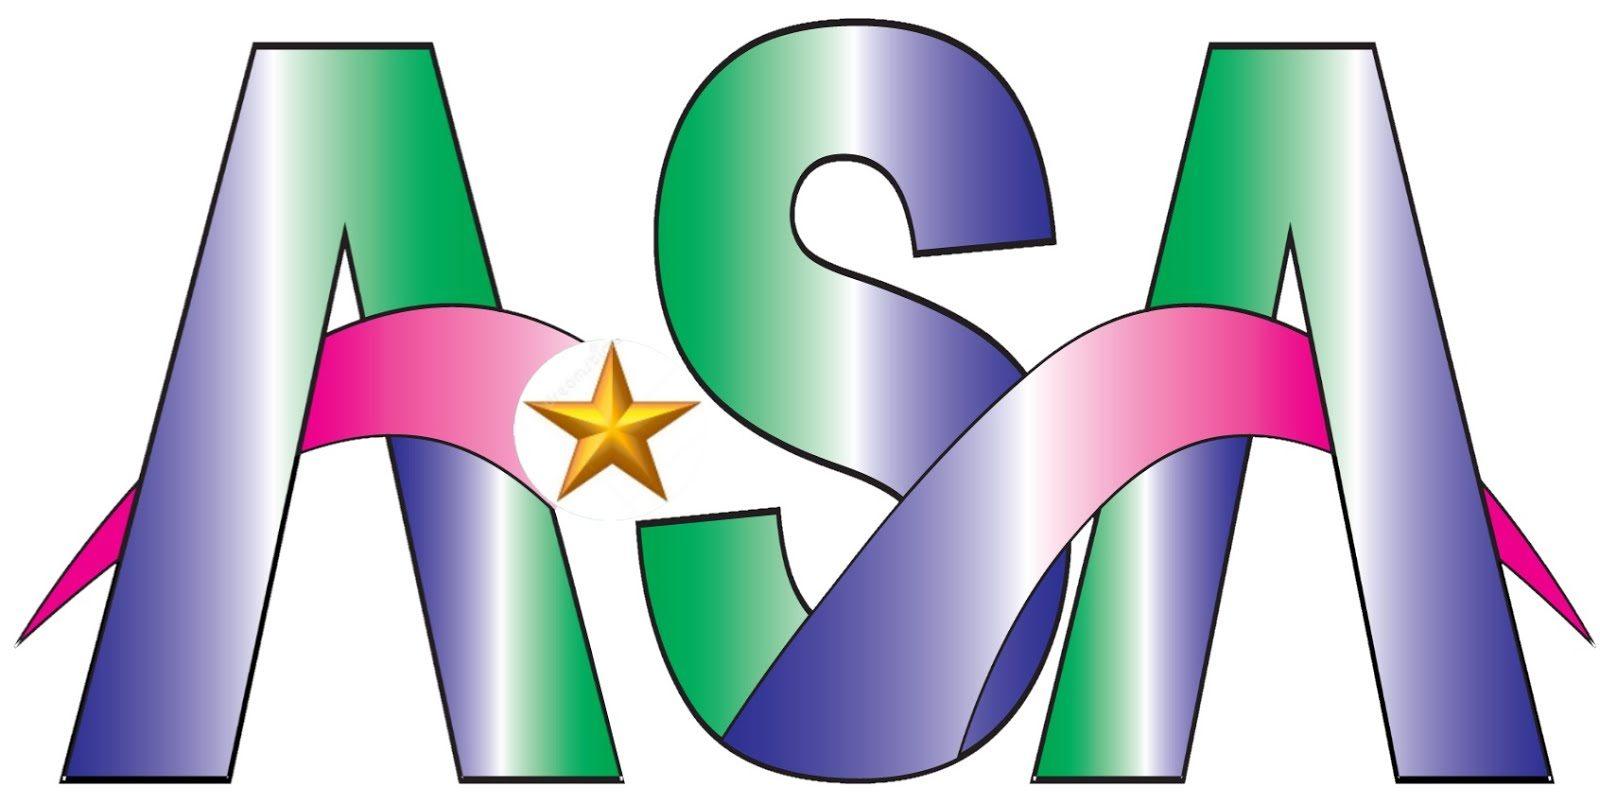 Dedetizadoras Zona Norte sp-Grupo ASA-Zn-Zs-Zl-Zo